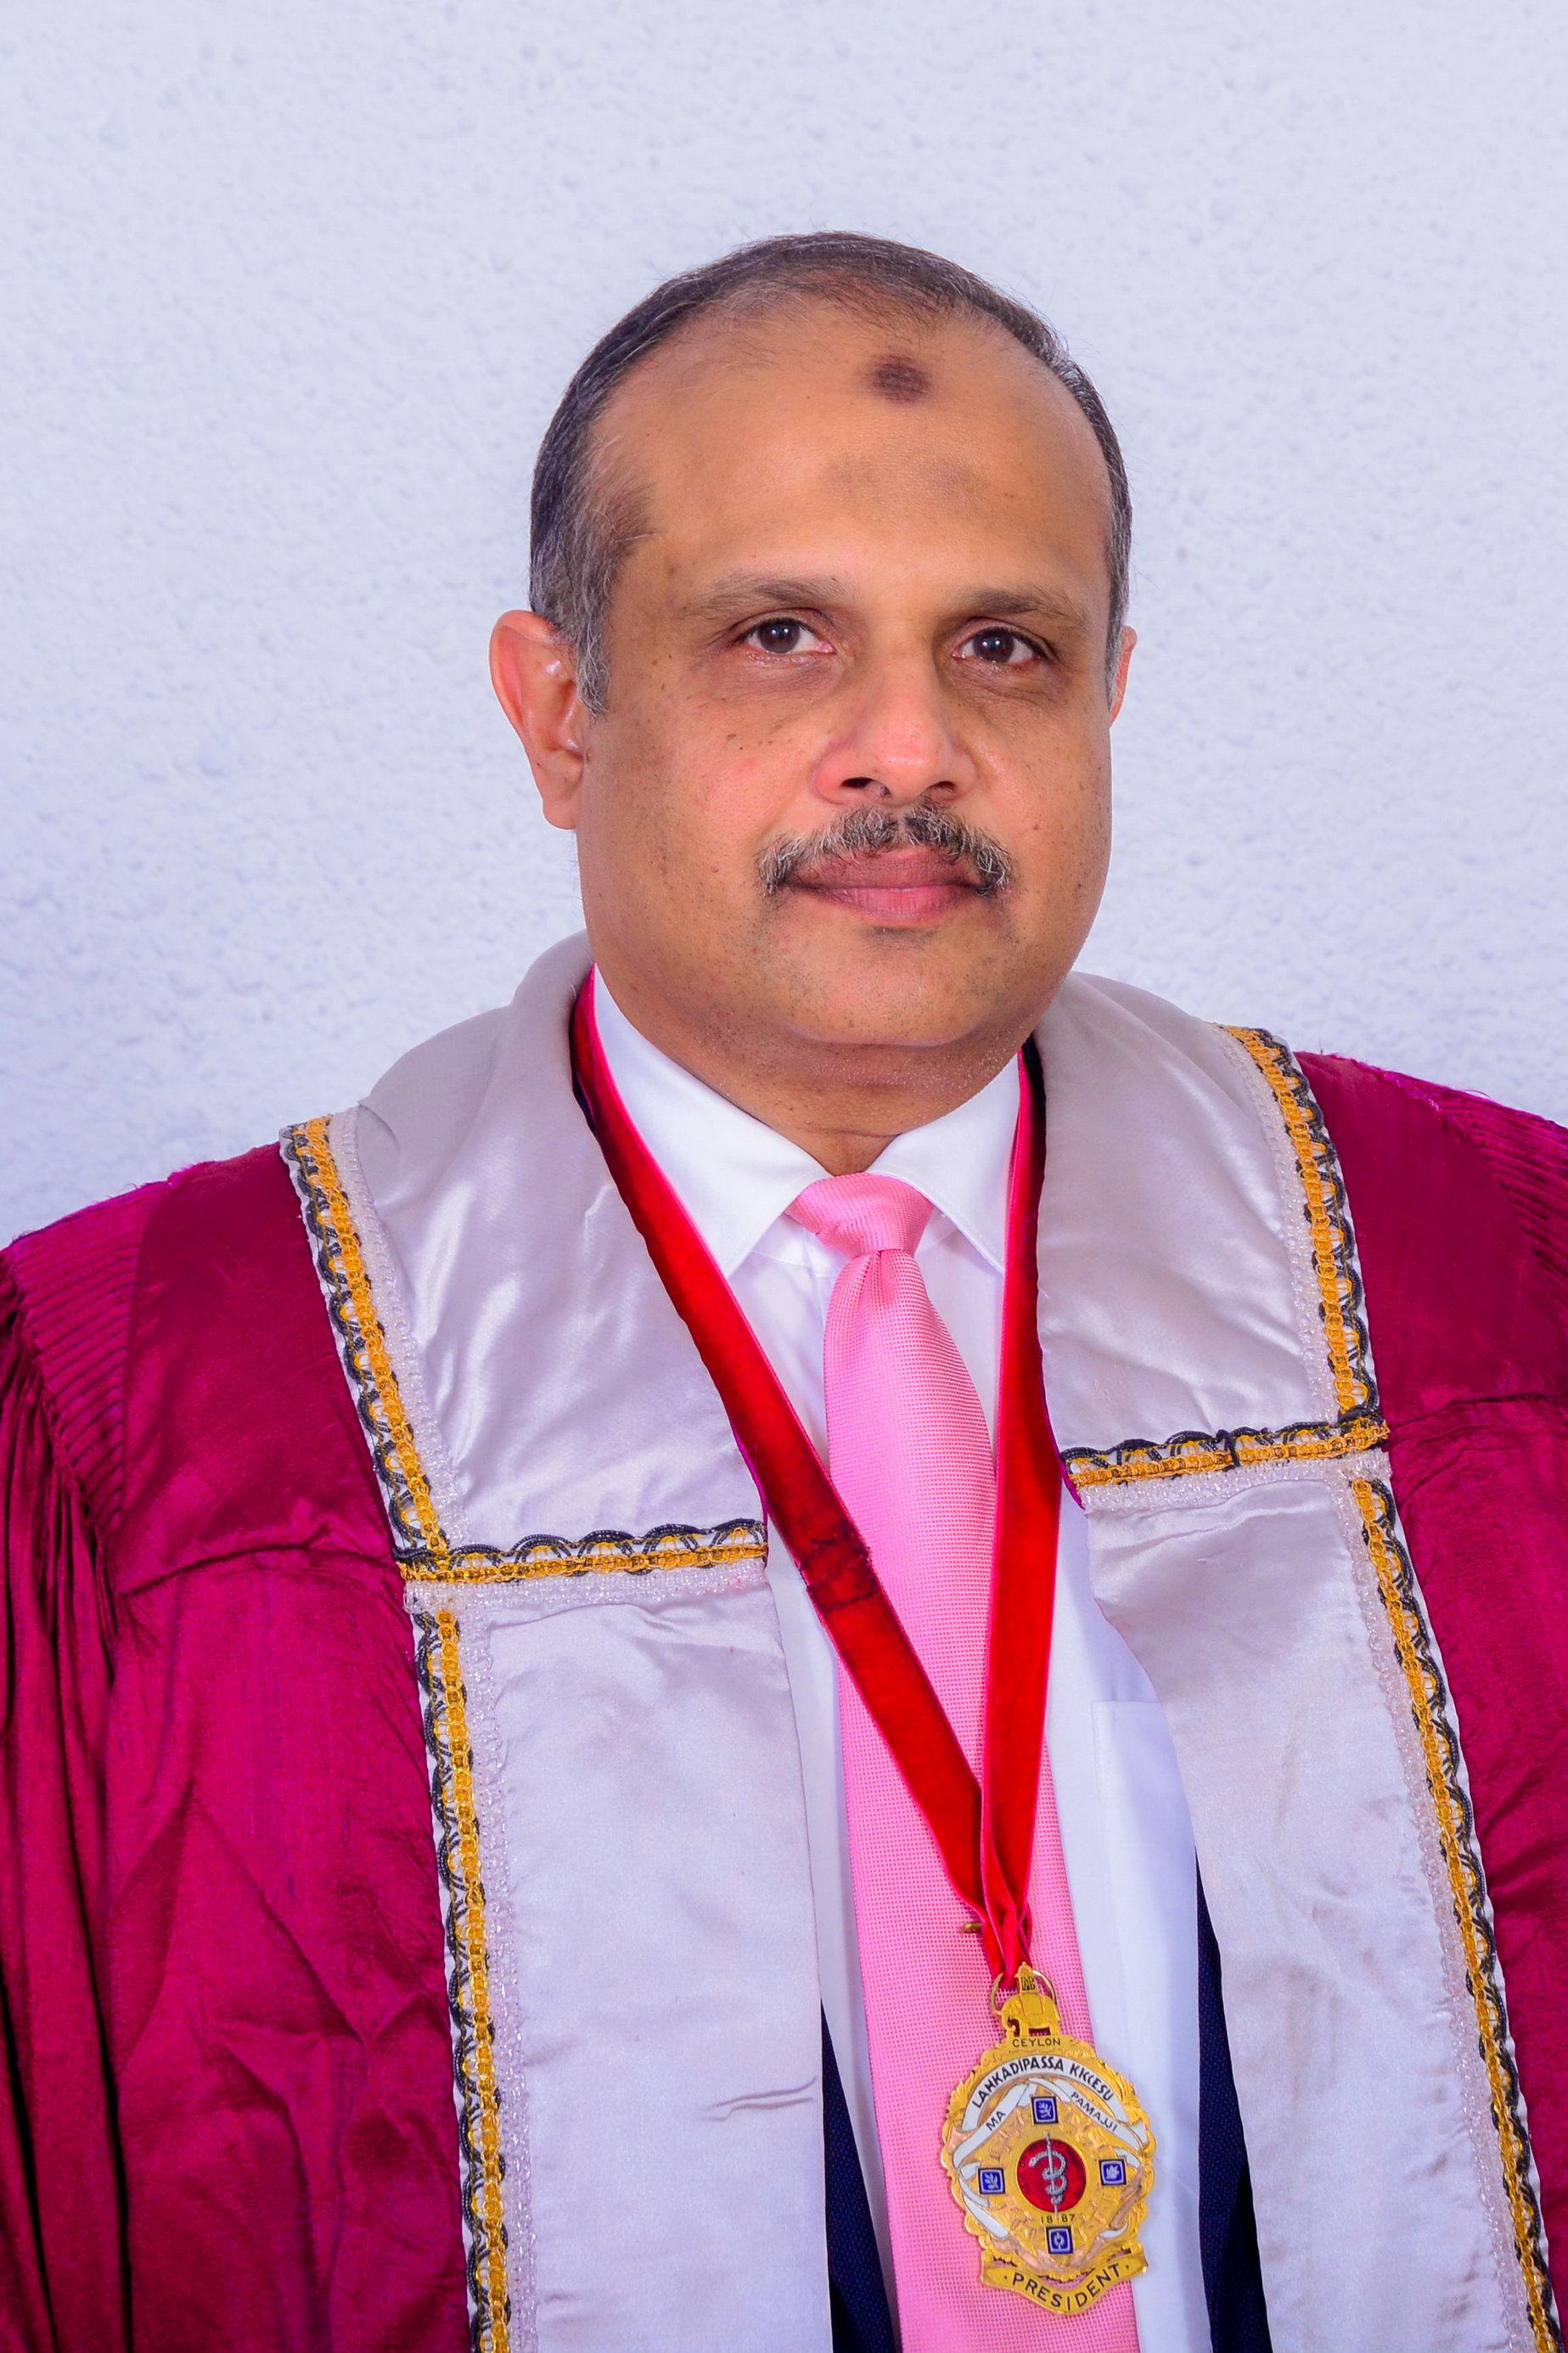 Dr Ruvaiz Haniffa